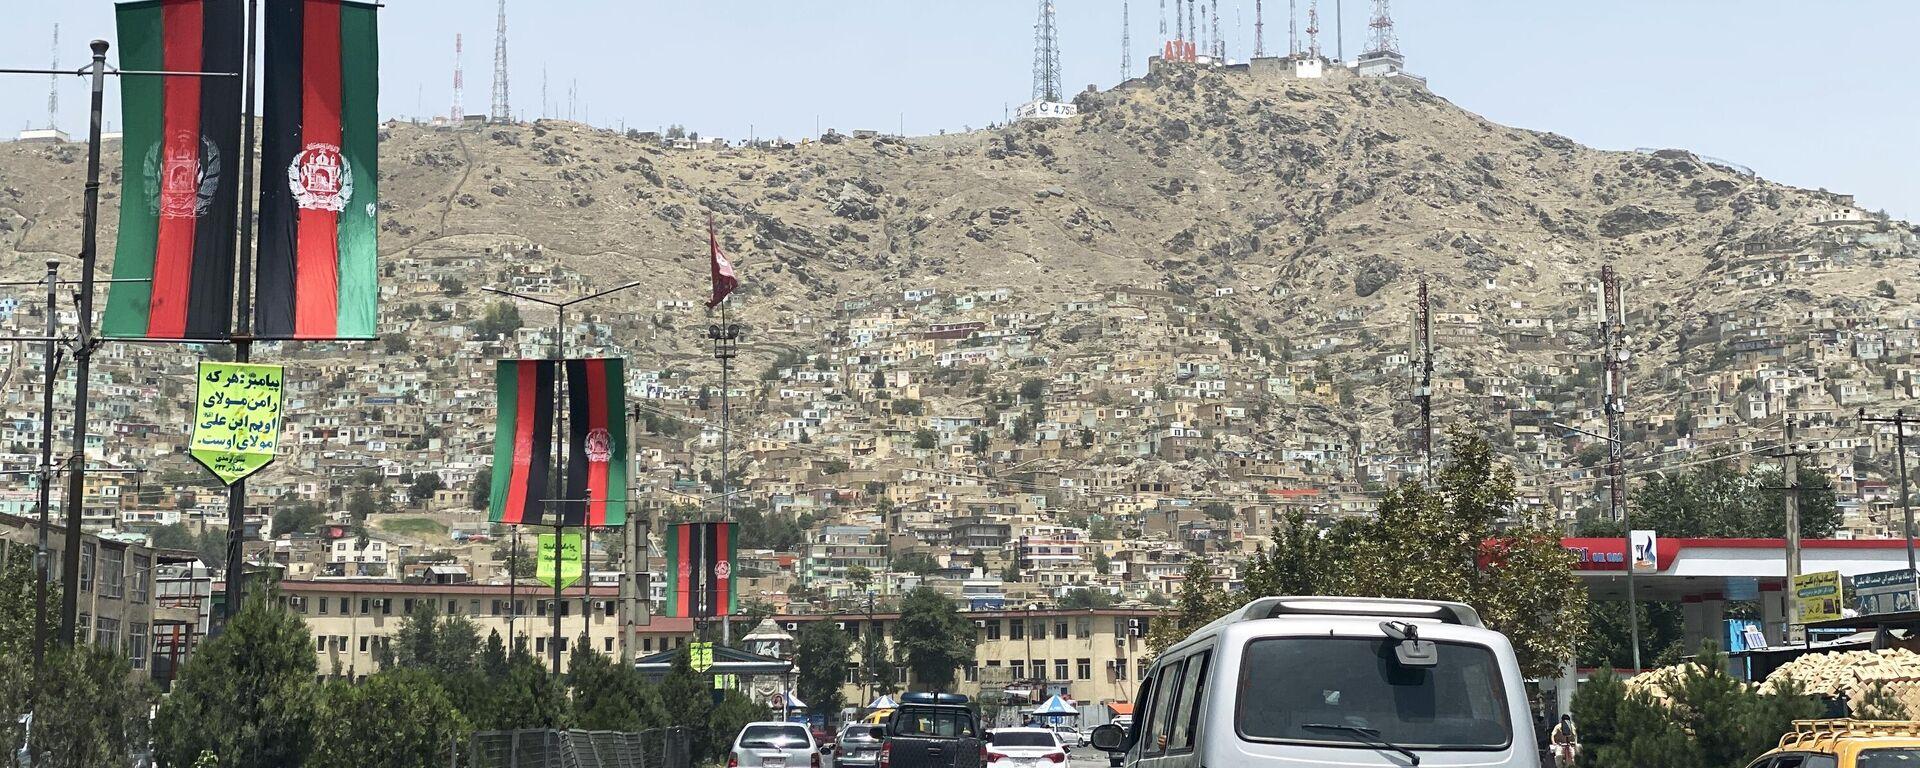 Kabul, strade - Sputnik Italia, 1920, 16.08.2021